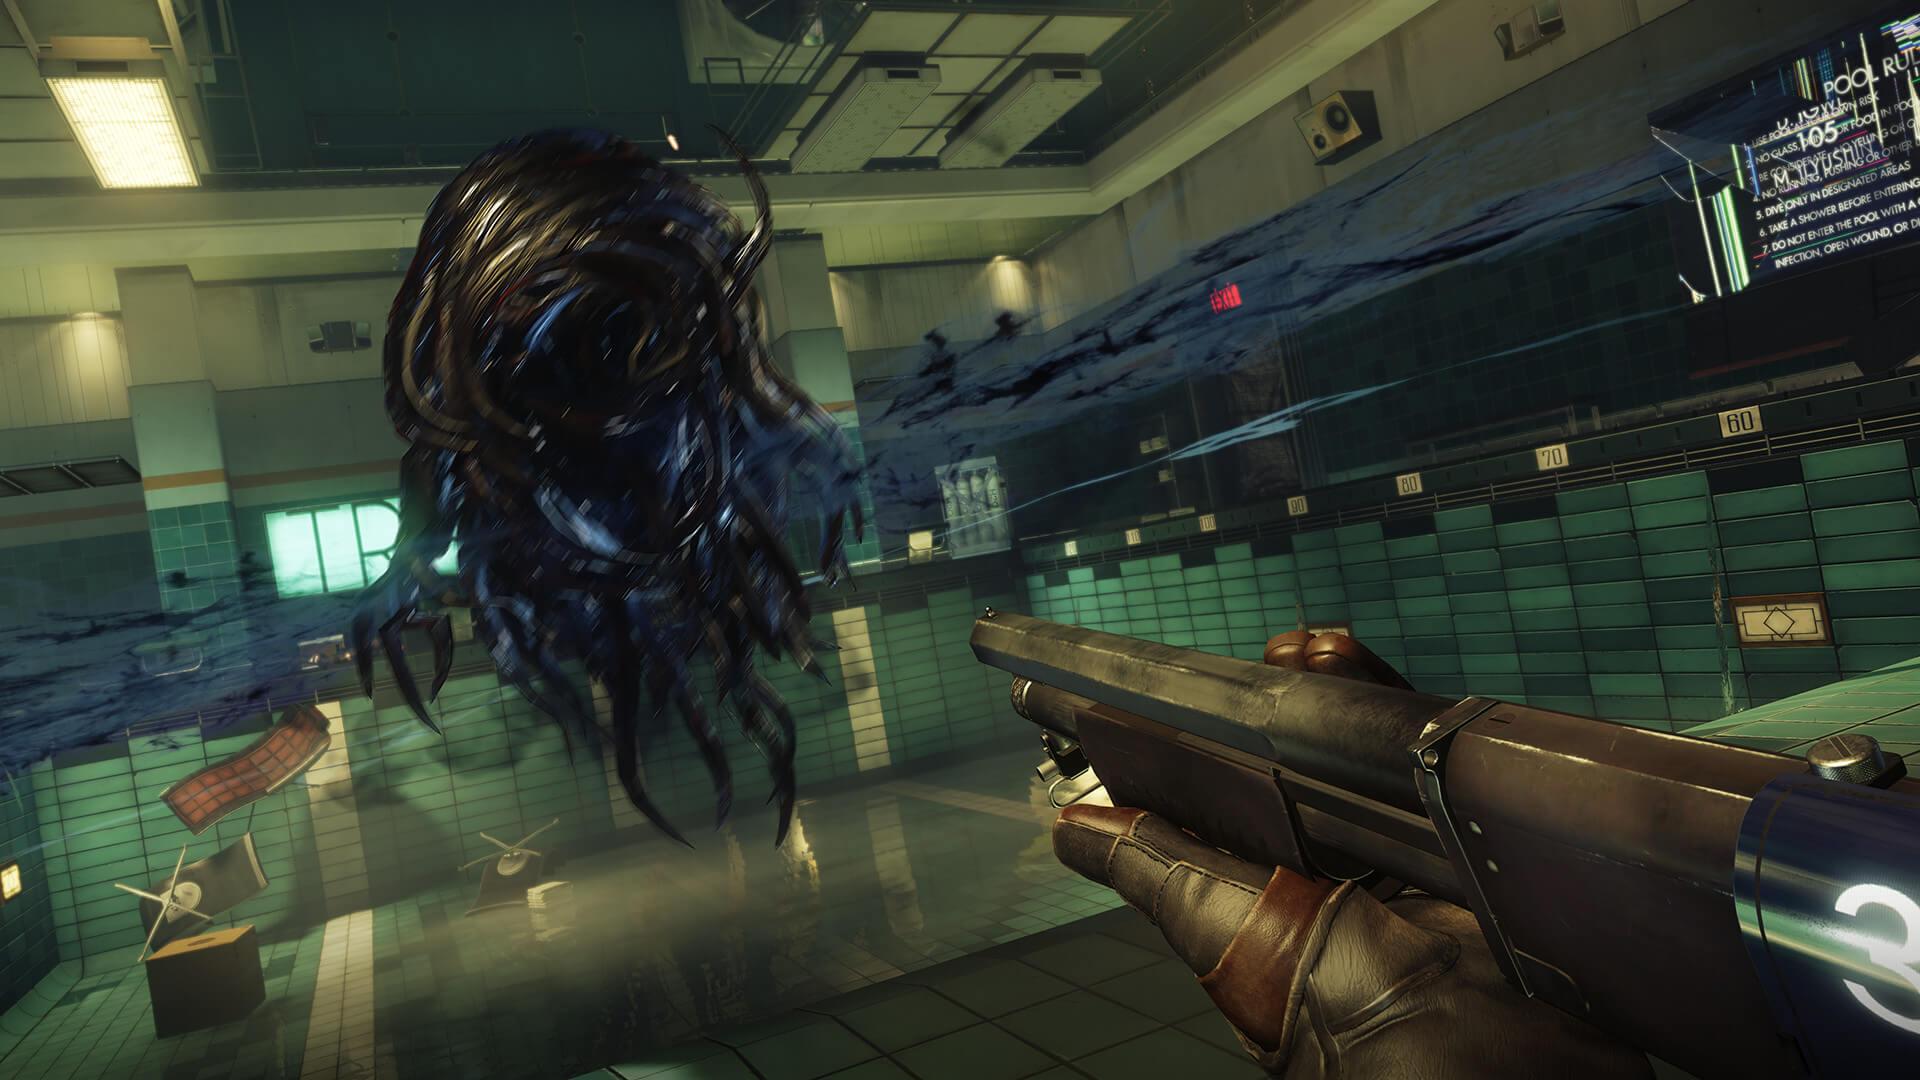 Co op korku FPS oyunu Prey